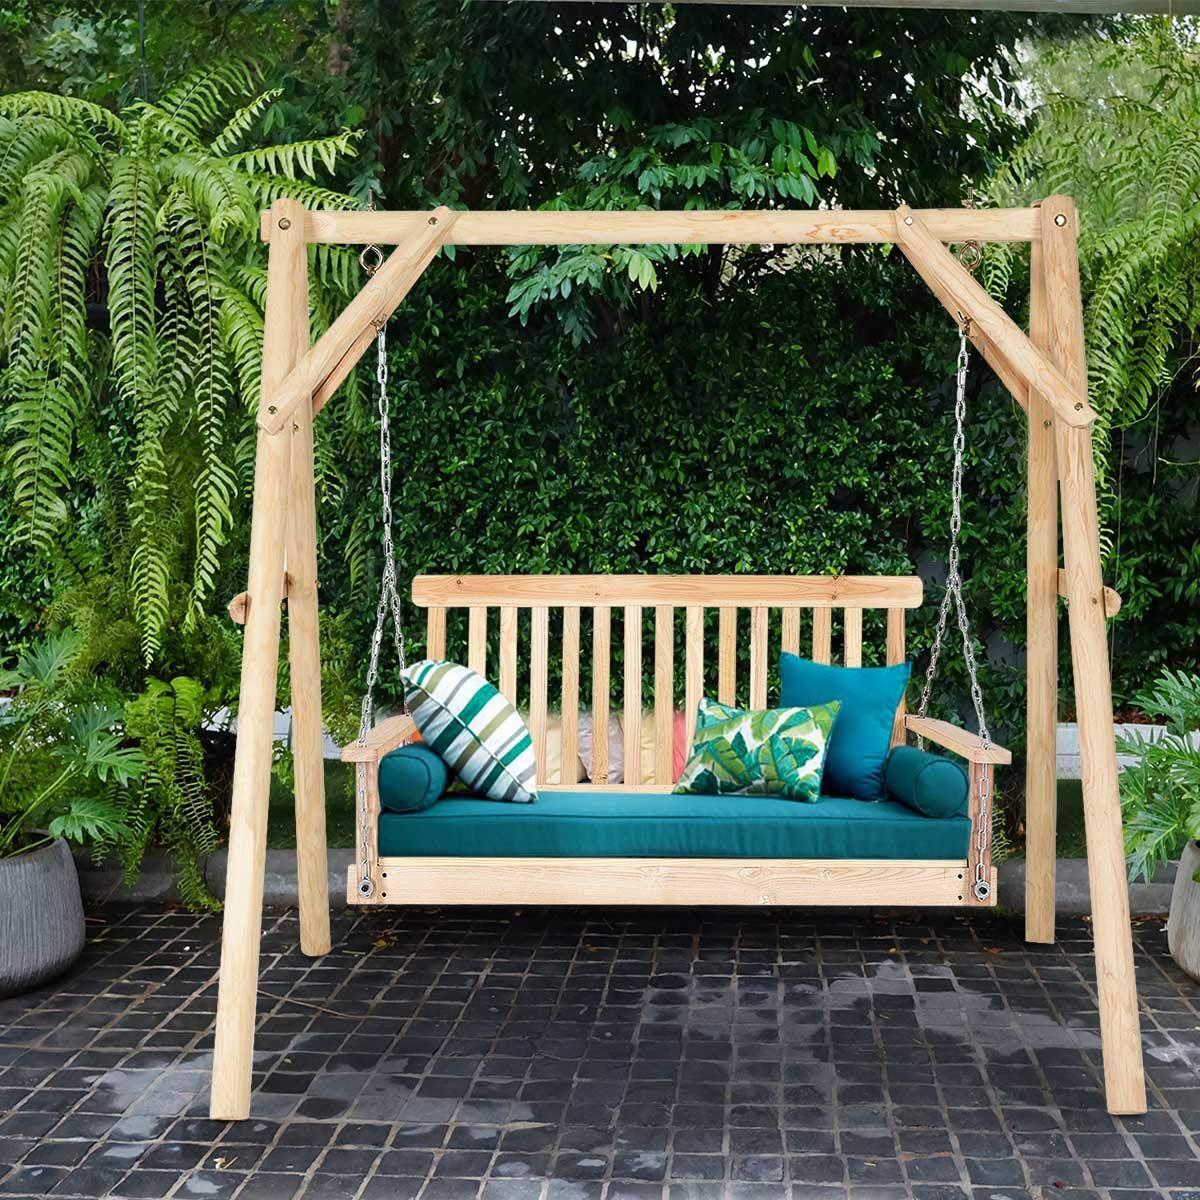 Giantex Natural Wood Garden Swing Seat Patio Hanging Seat